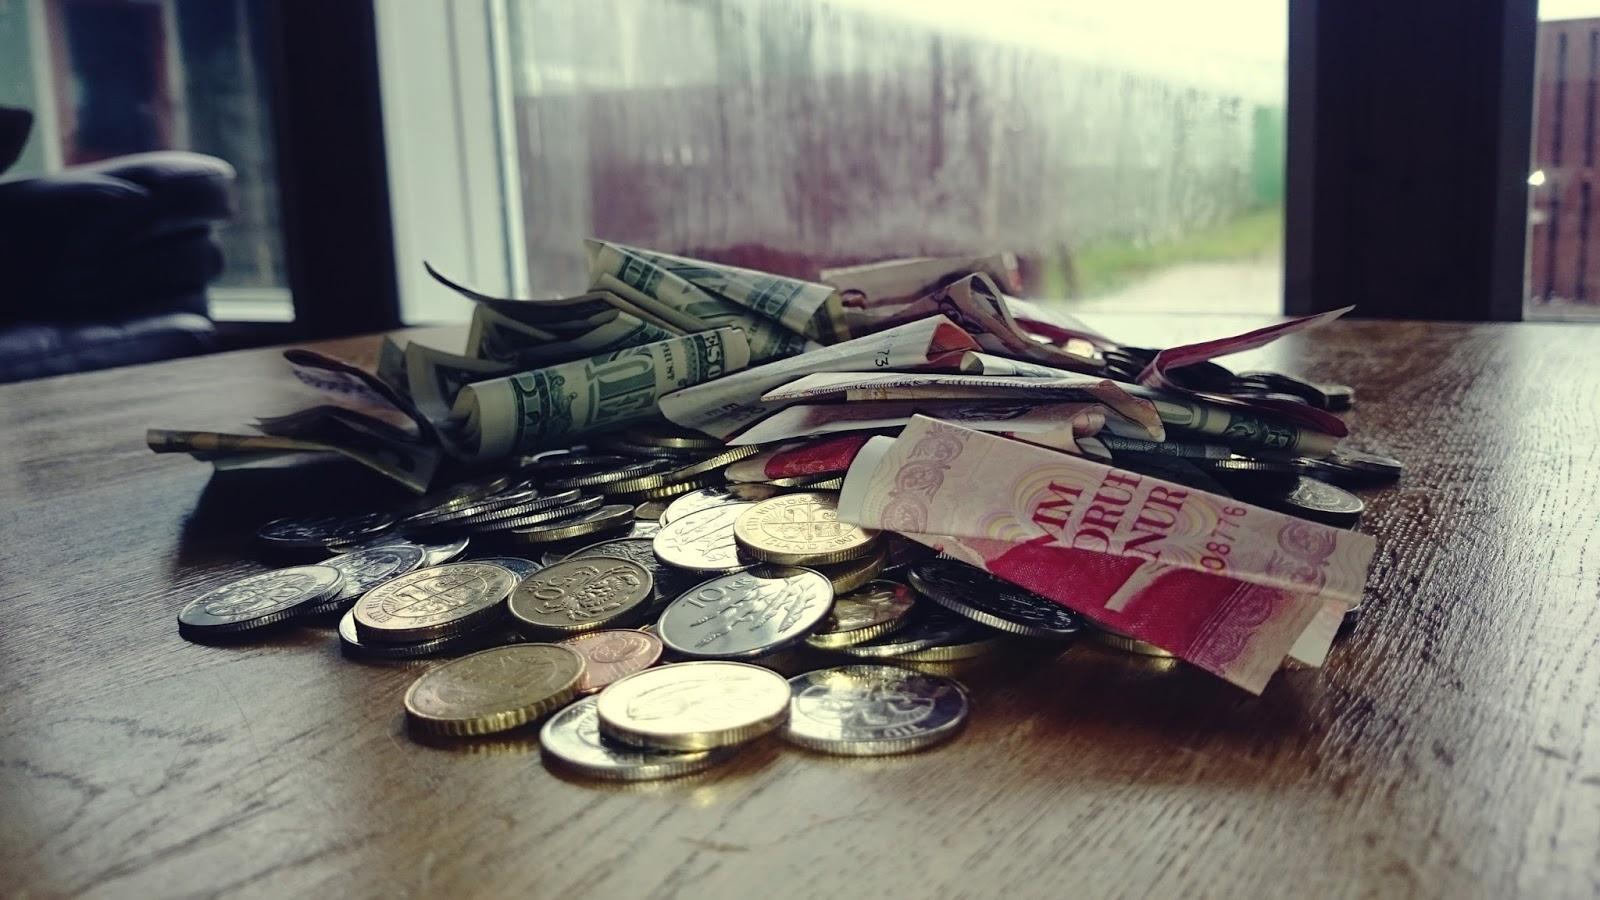 pieniądze, islandzkie pieniądze, Islandia zarobki, ile płacą w Islandii